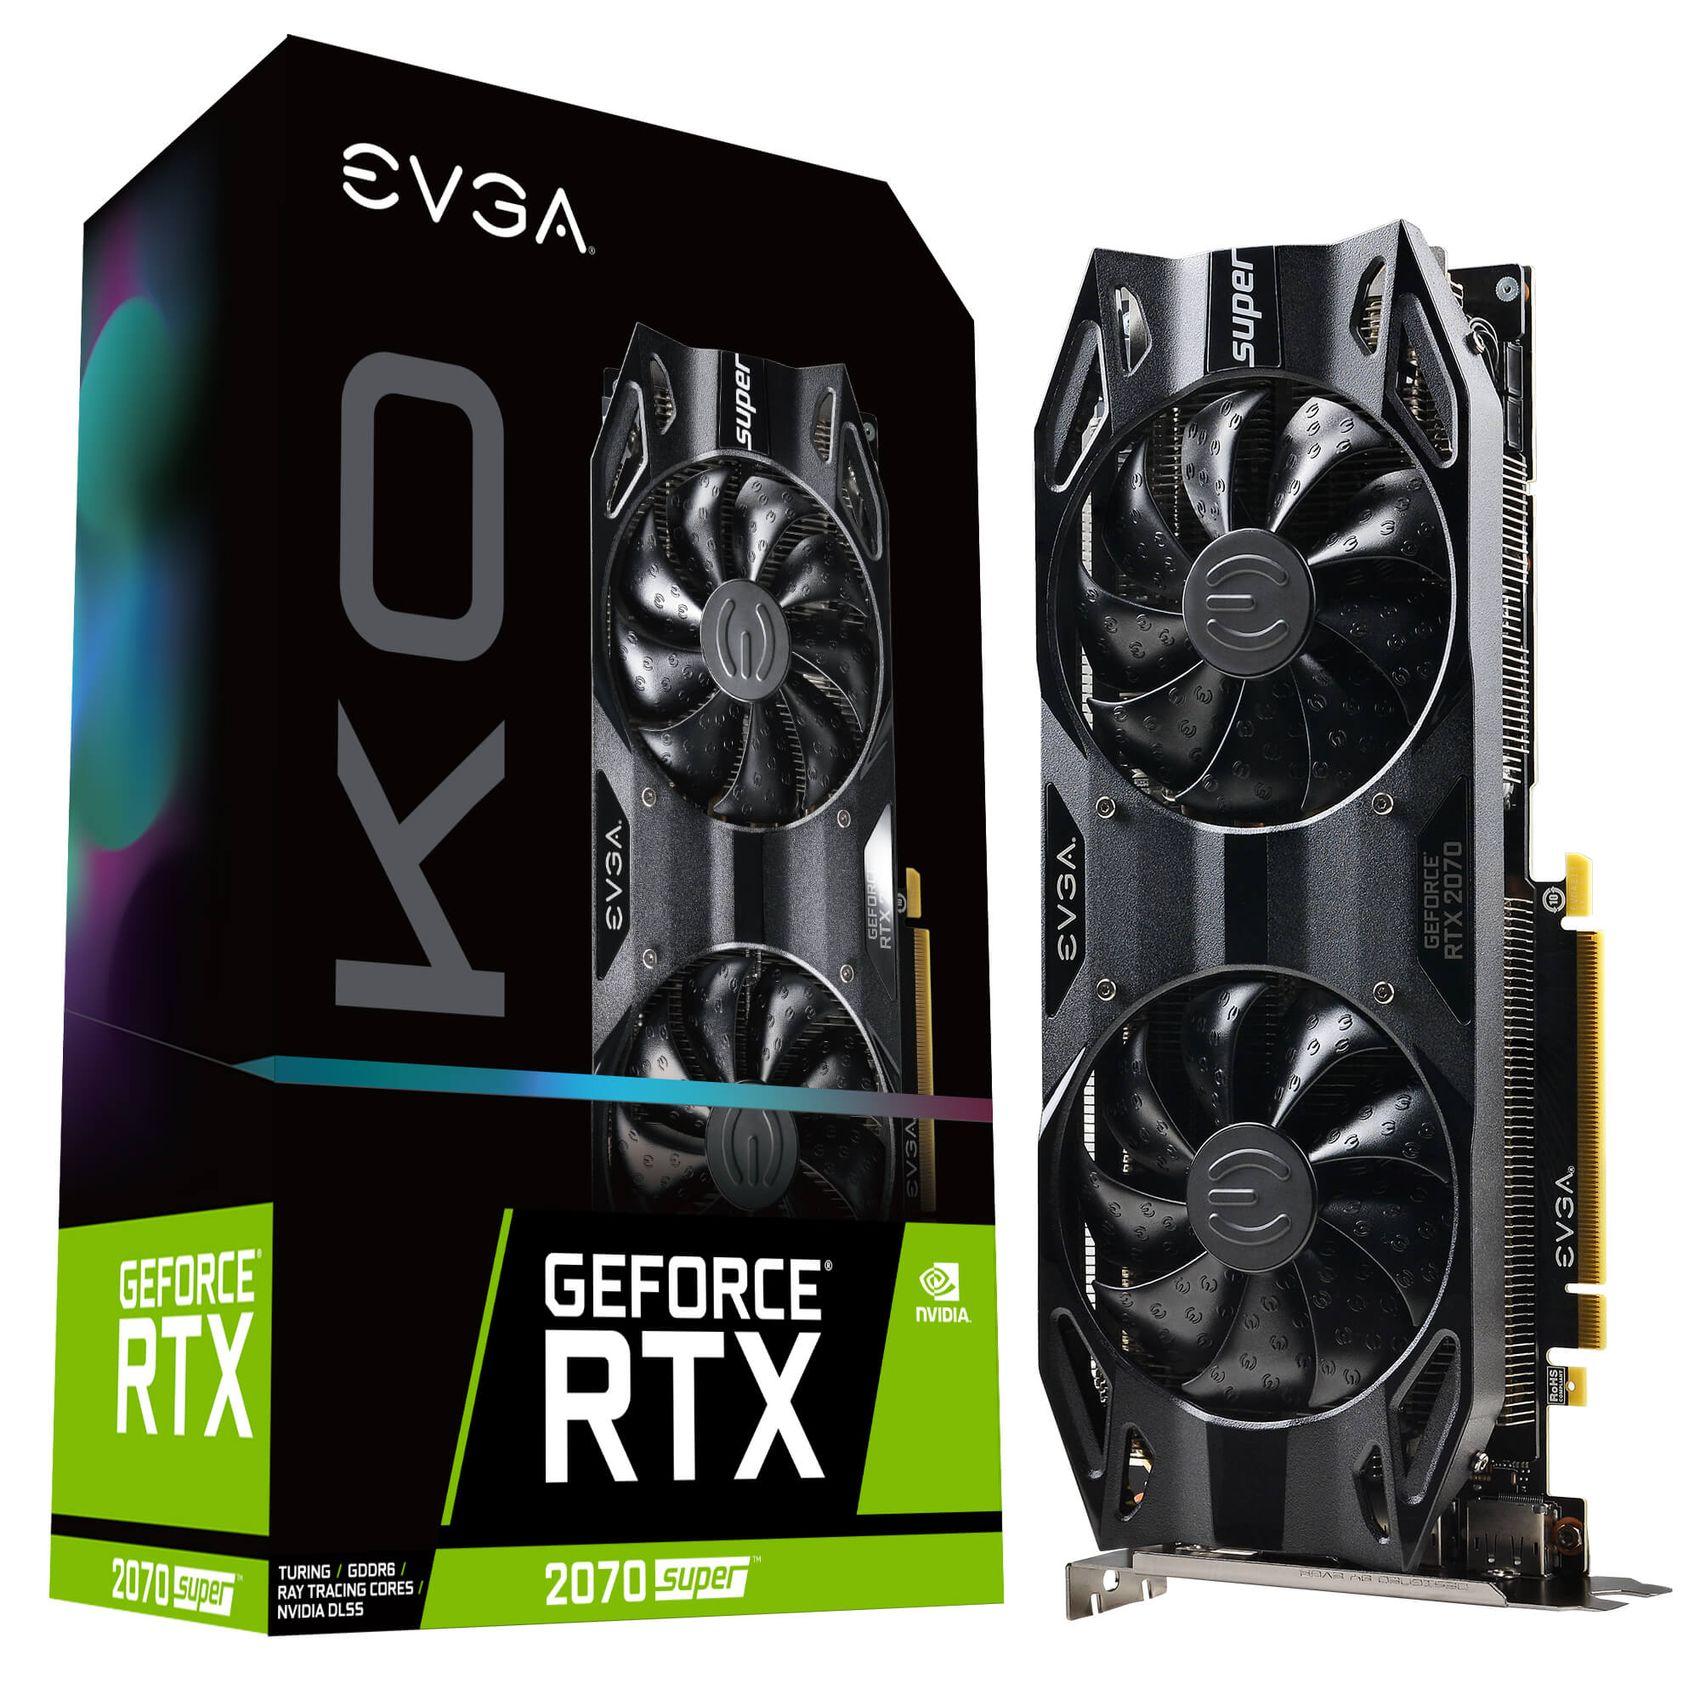 EVGA RTX 2070 SUPER KO